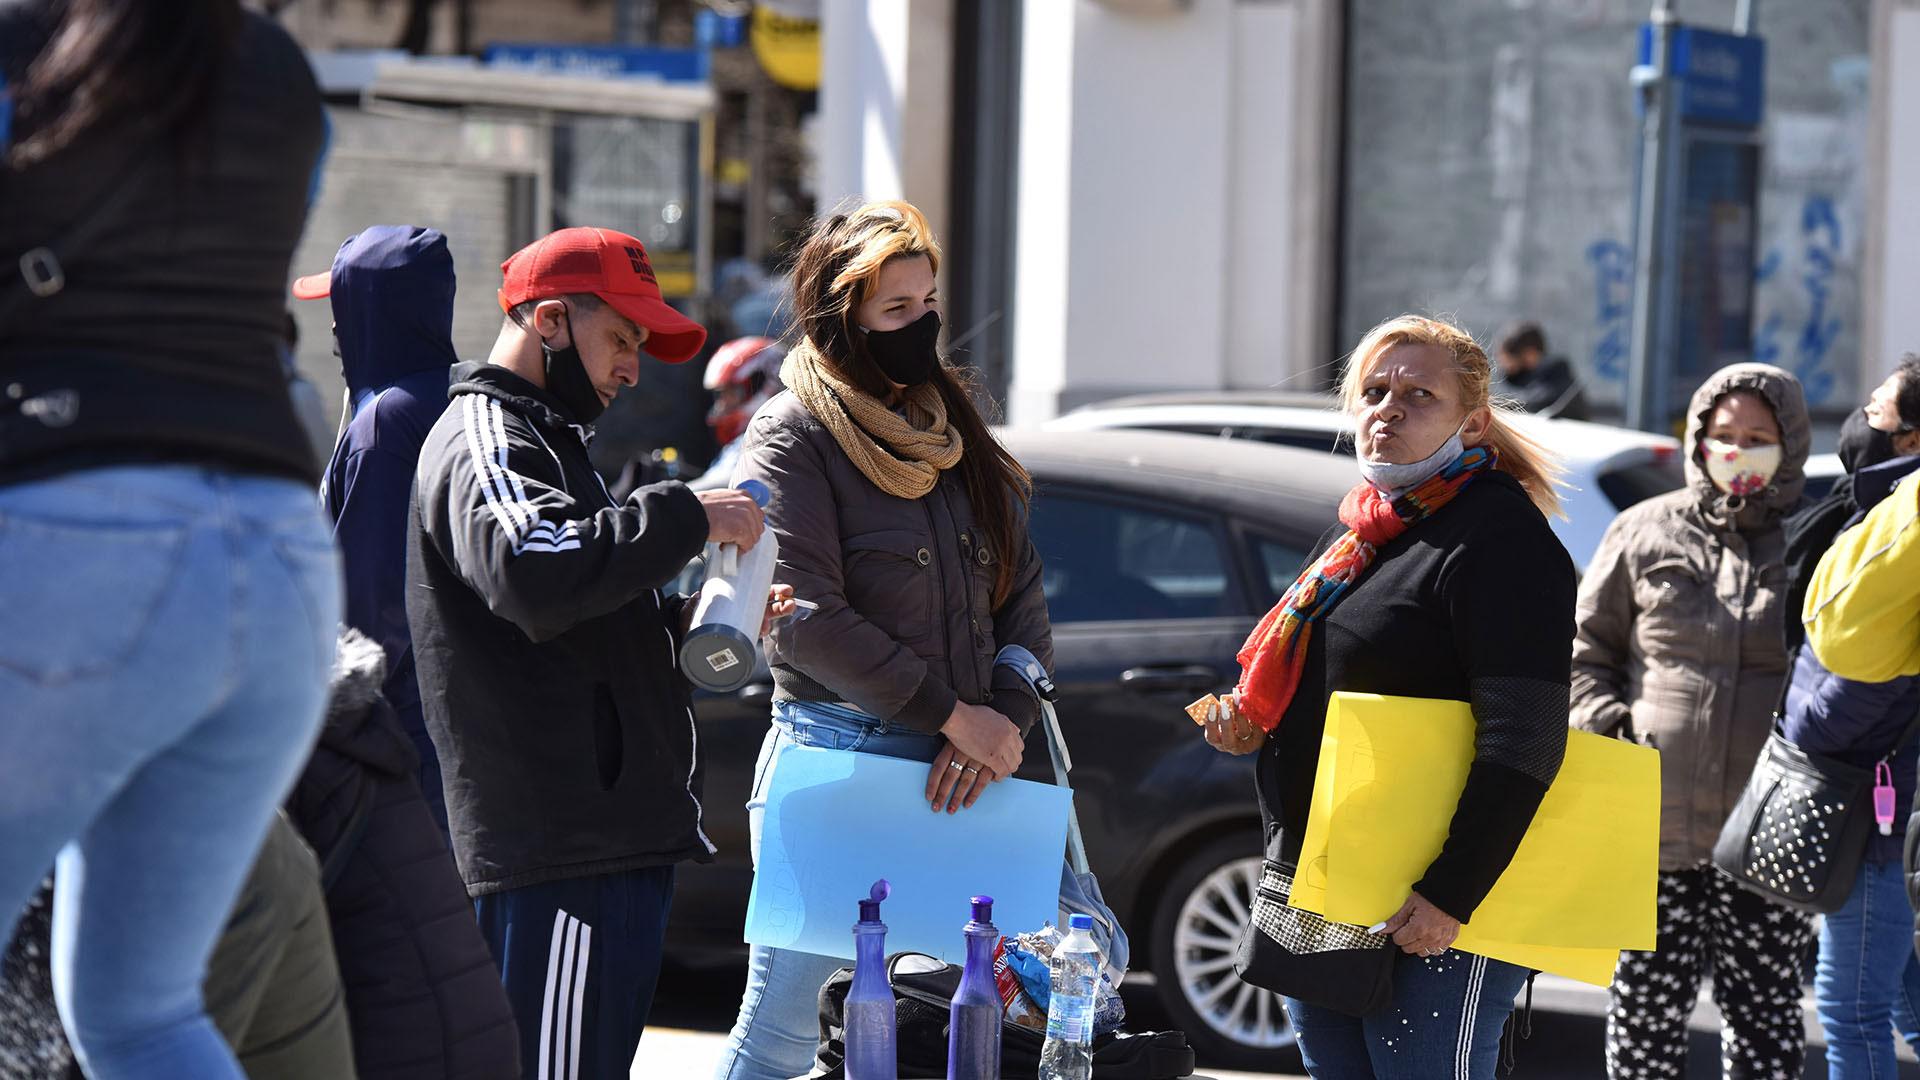 En muchos casos las personas que participaron de la protesta no utilizaron barbijos y compartieron bebidas